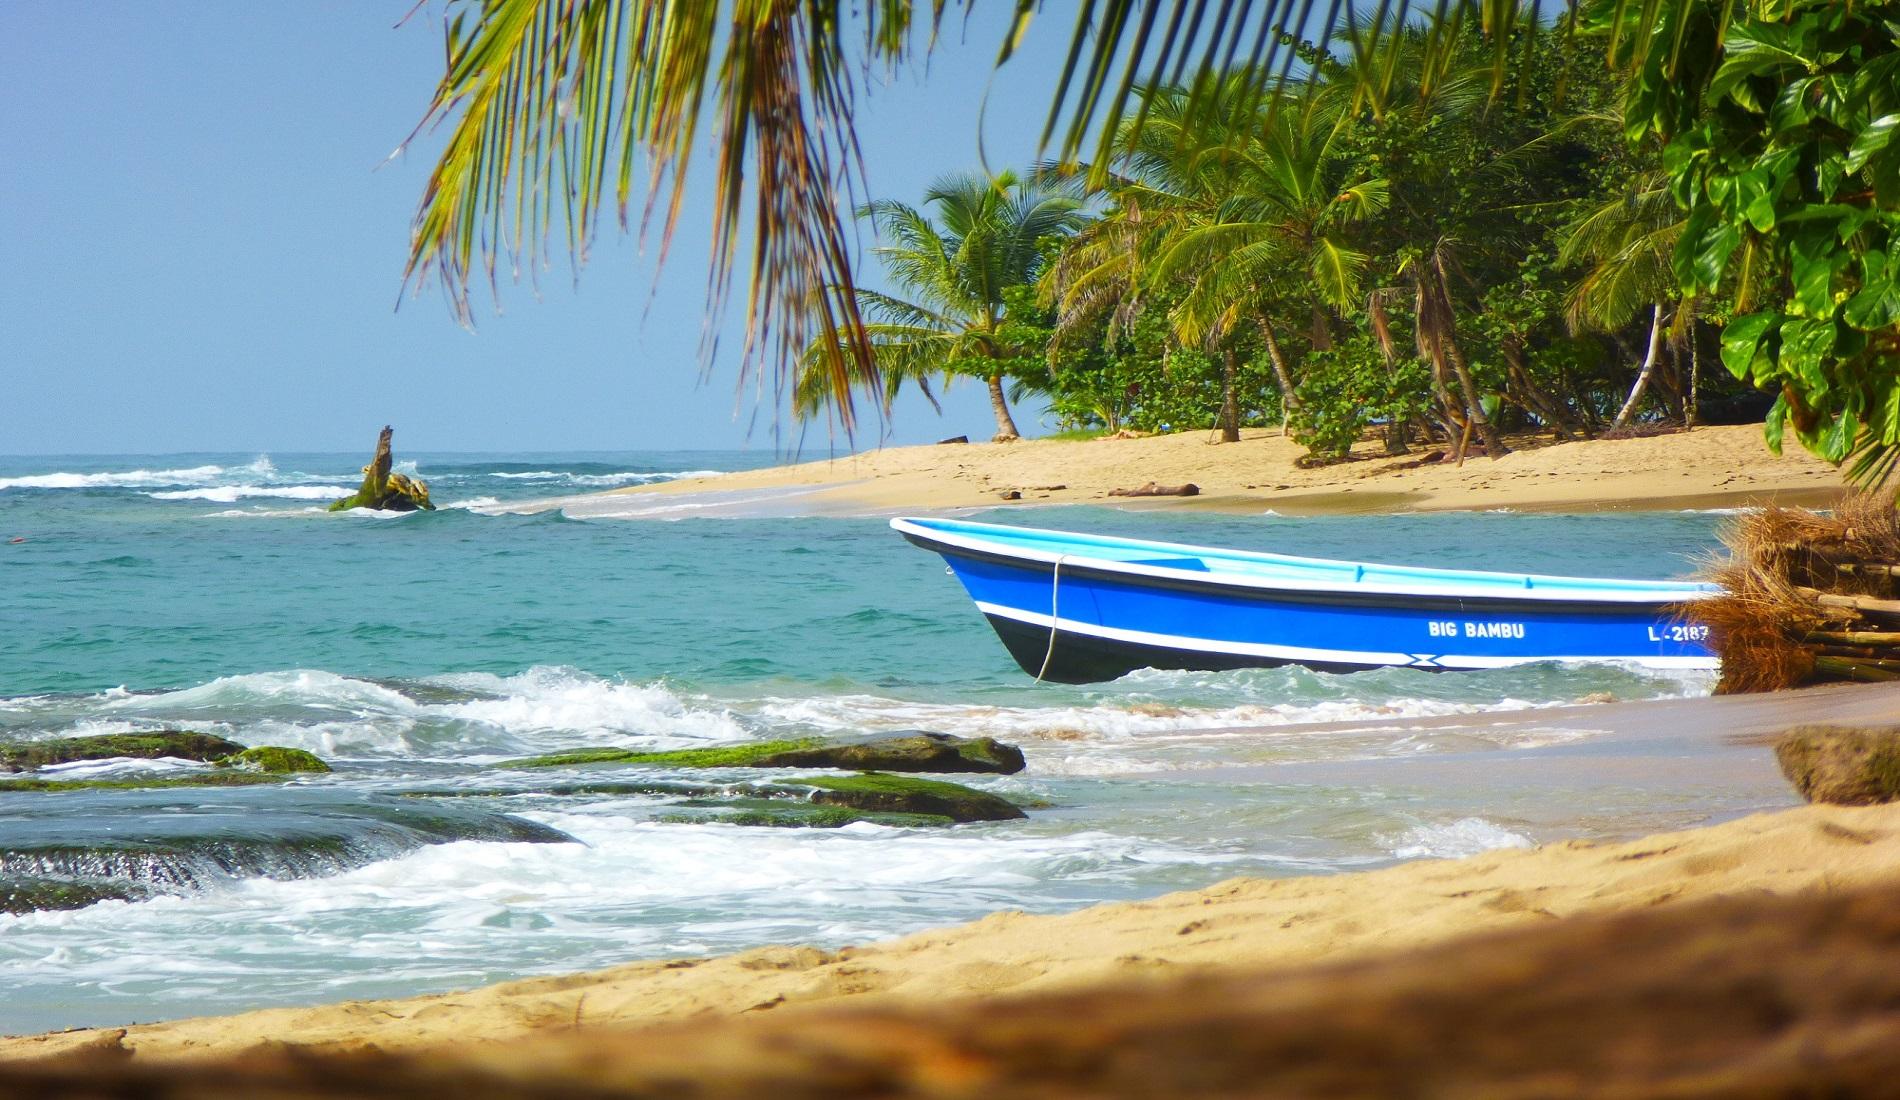 Arrecife beach costa rica september